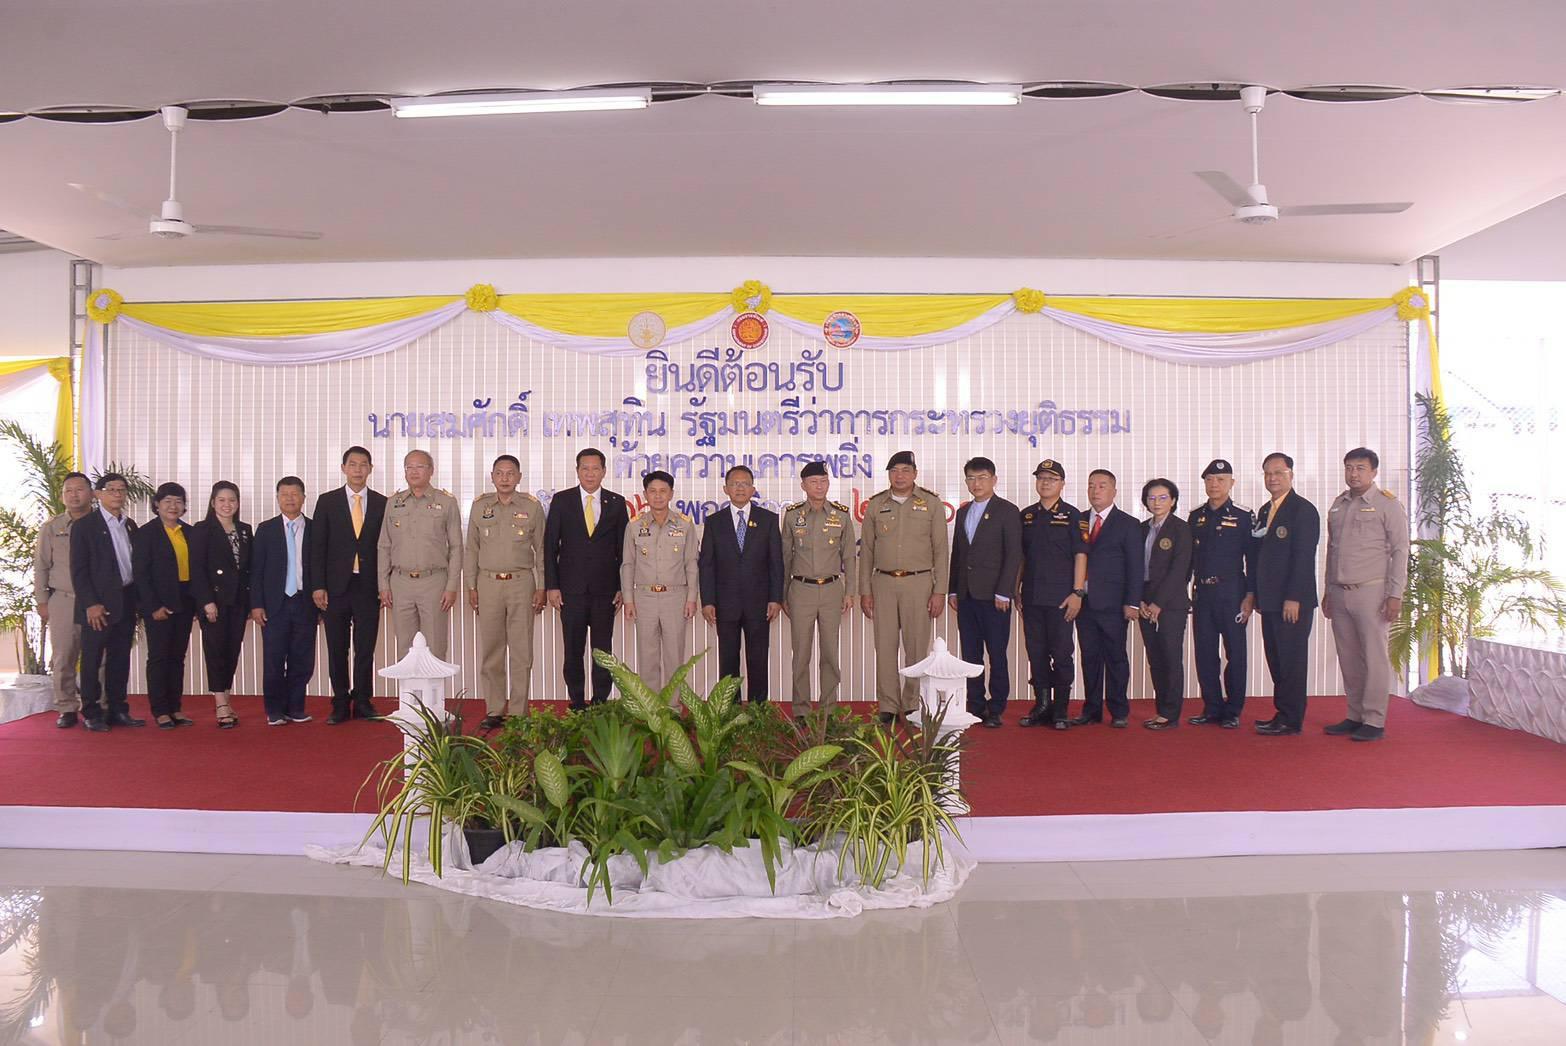 """""""สมศักดิ์"""" วางศิลาฤกษ์สร้างนิคมอุตสาหกรรมราชทัณฑ์ แห่งแรกของประเทศไทย"""